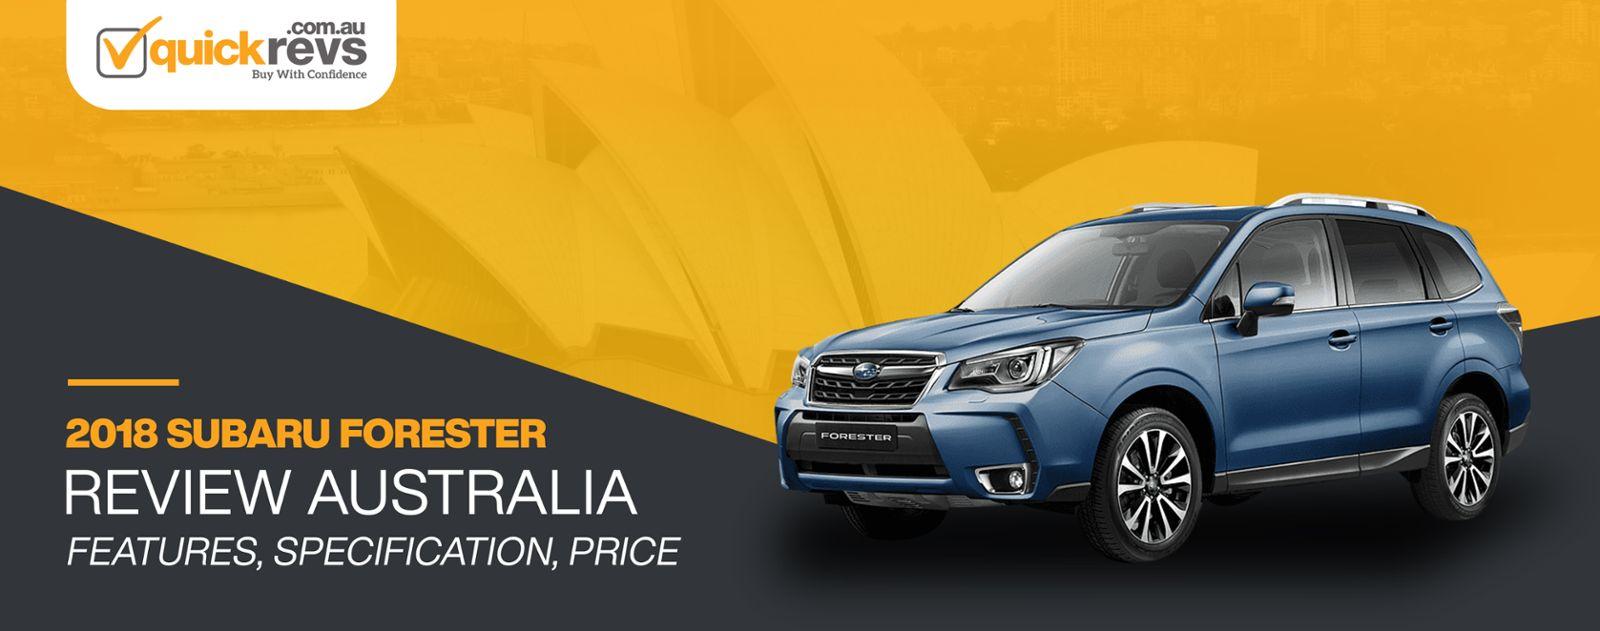 2018 Subaru Forester Review Australia